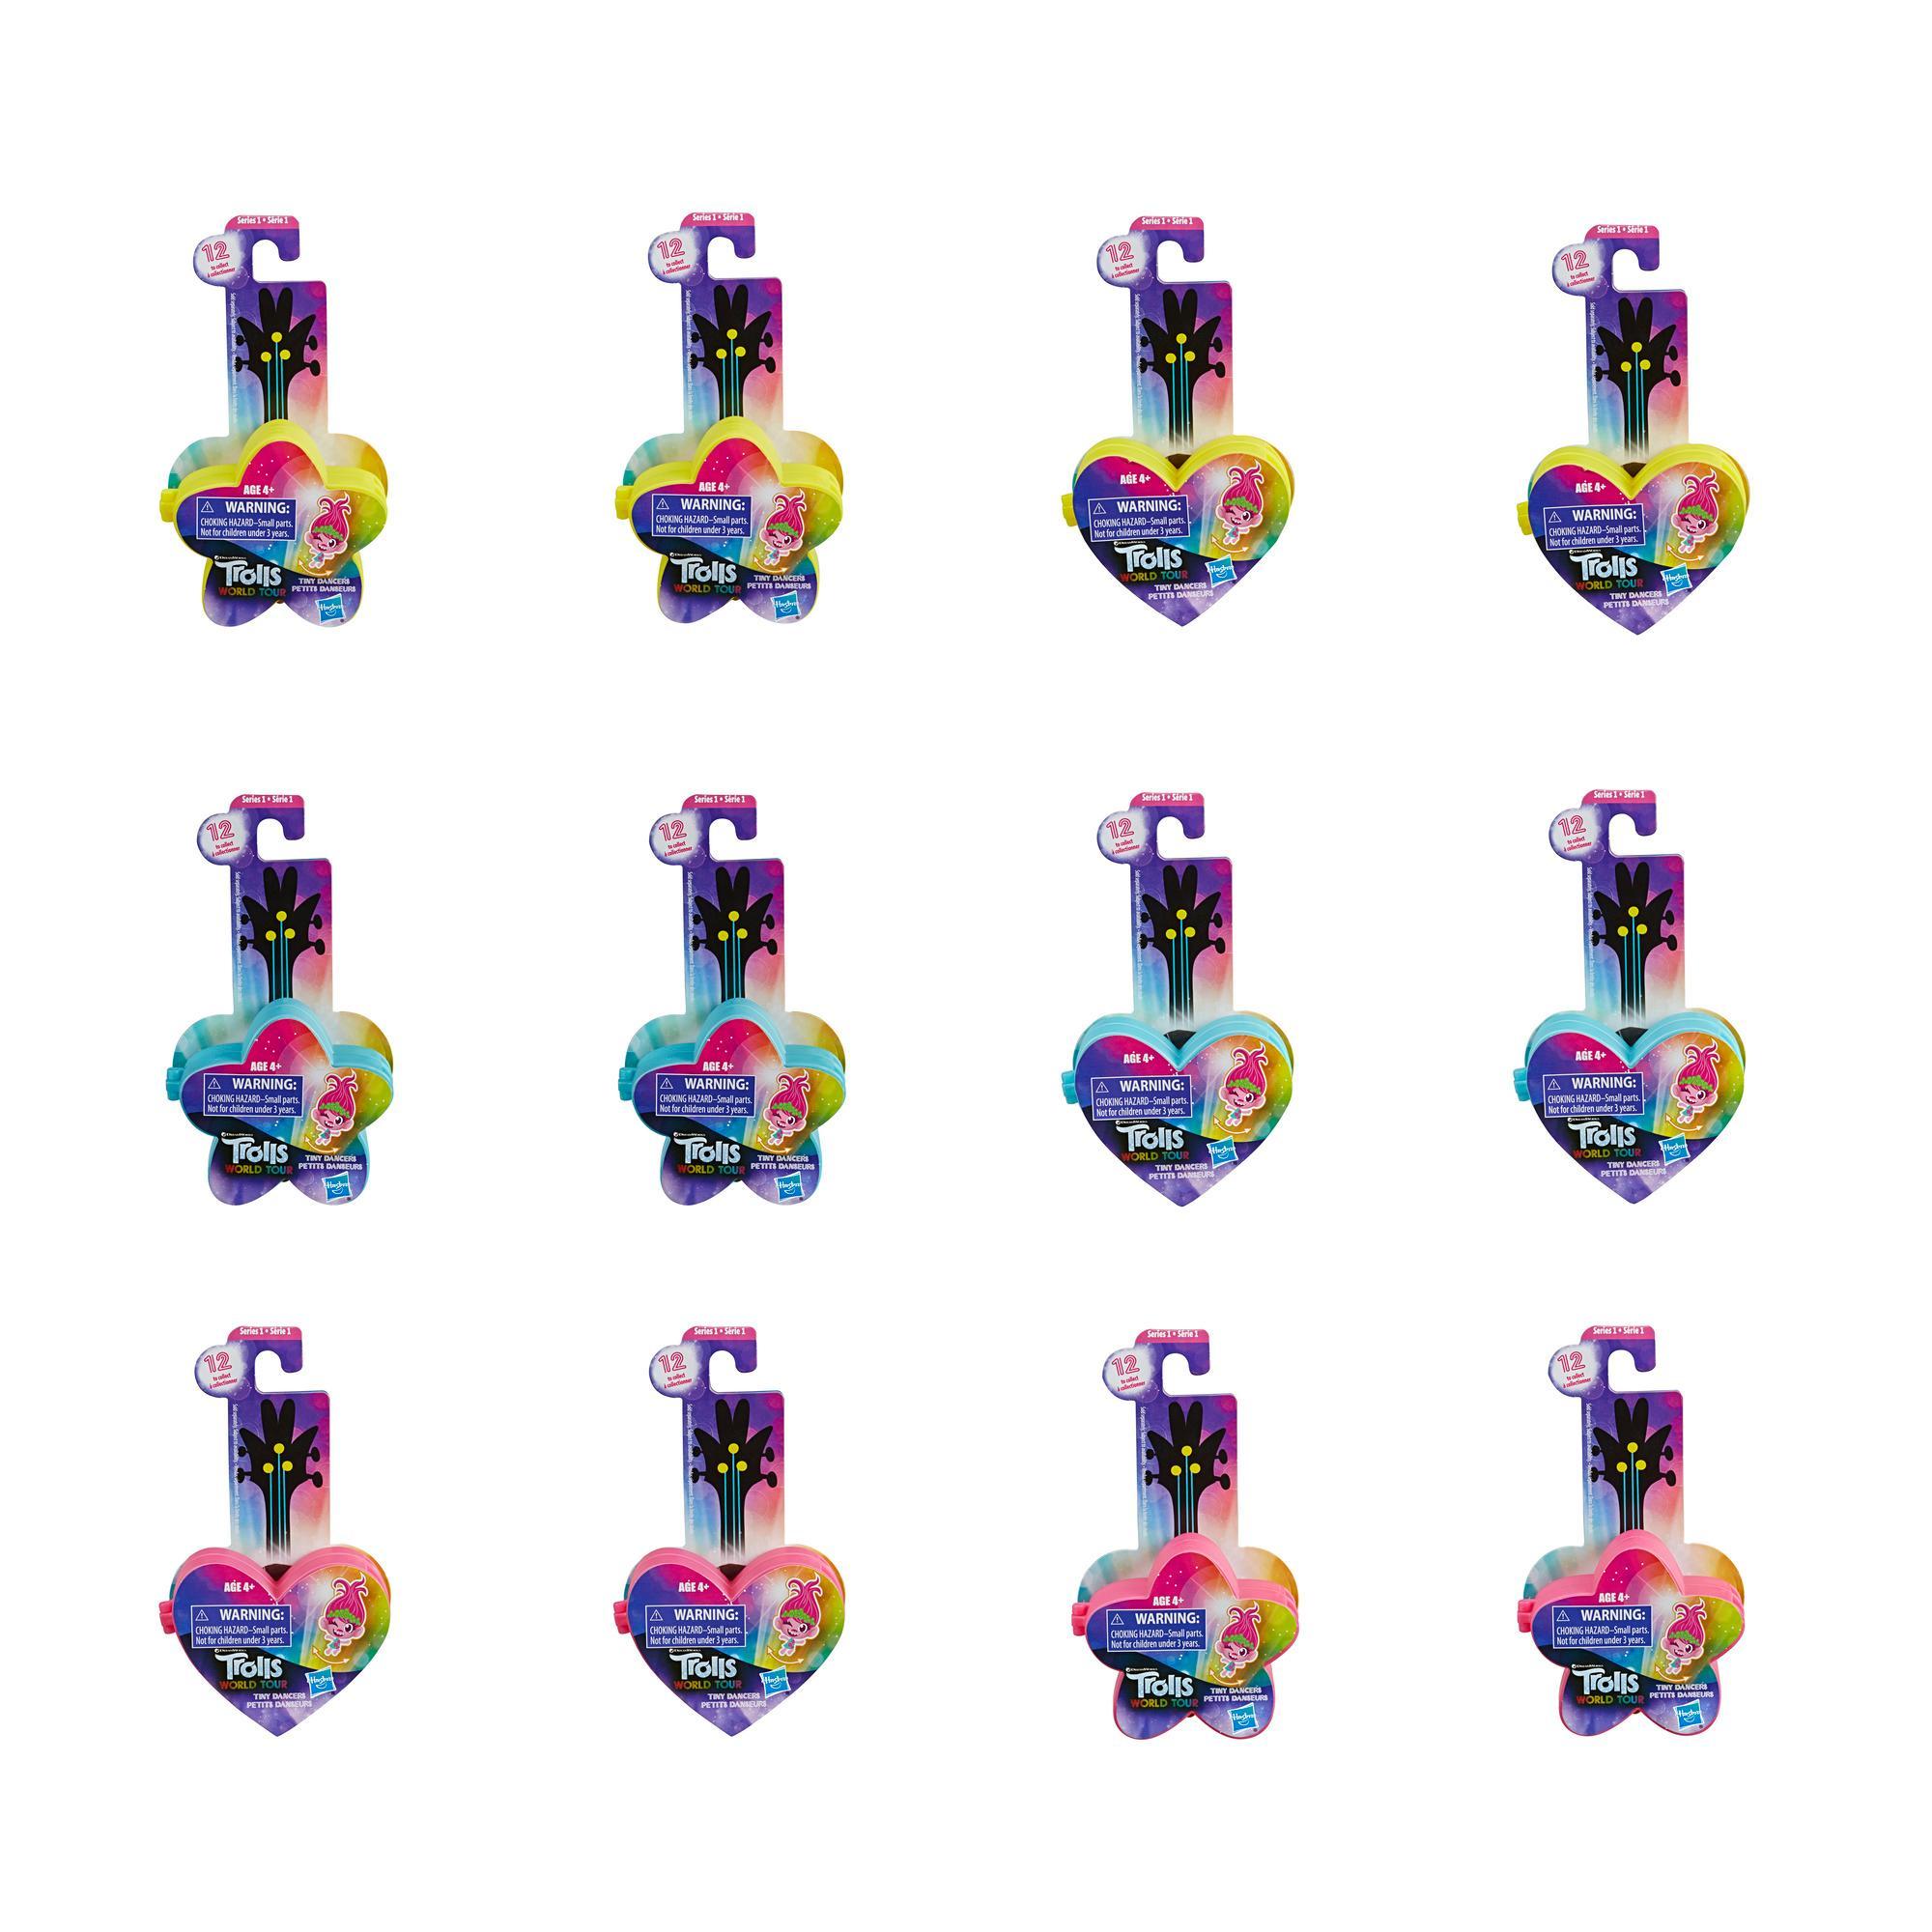 DreamWorks Trolls Wereldtour Tiny Dancers reeks 1 draagbare speelgoedfiguurtjes om te verzamelen, met ring of speldje